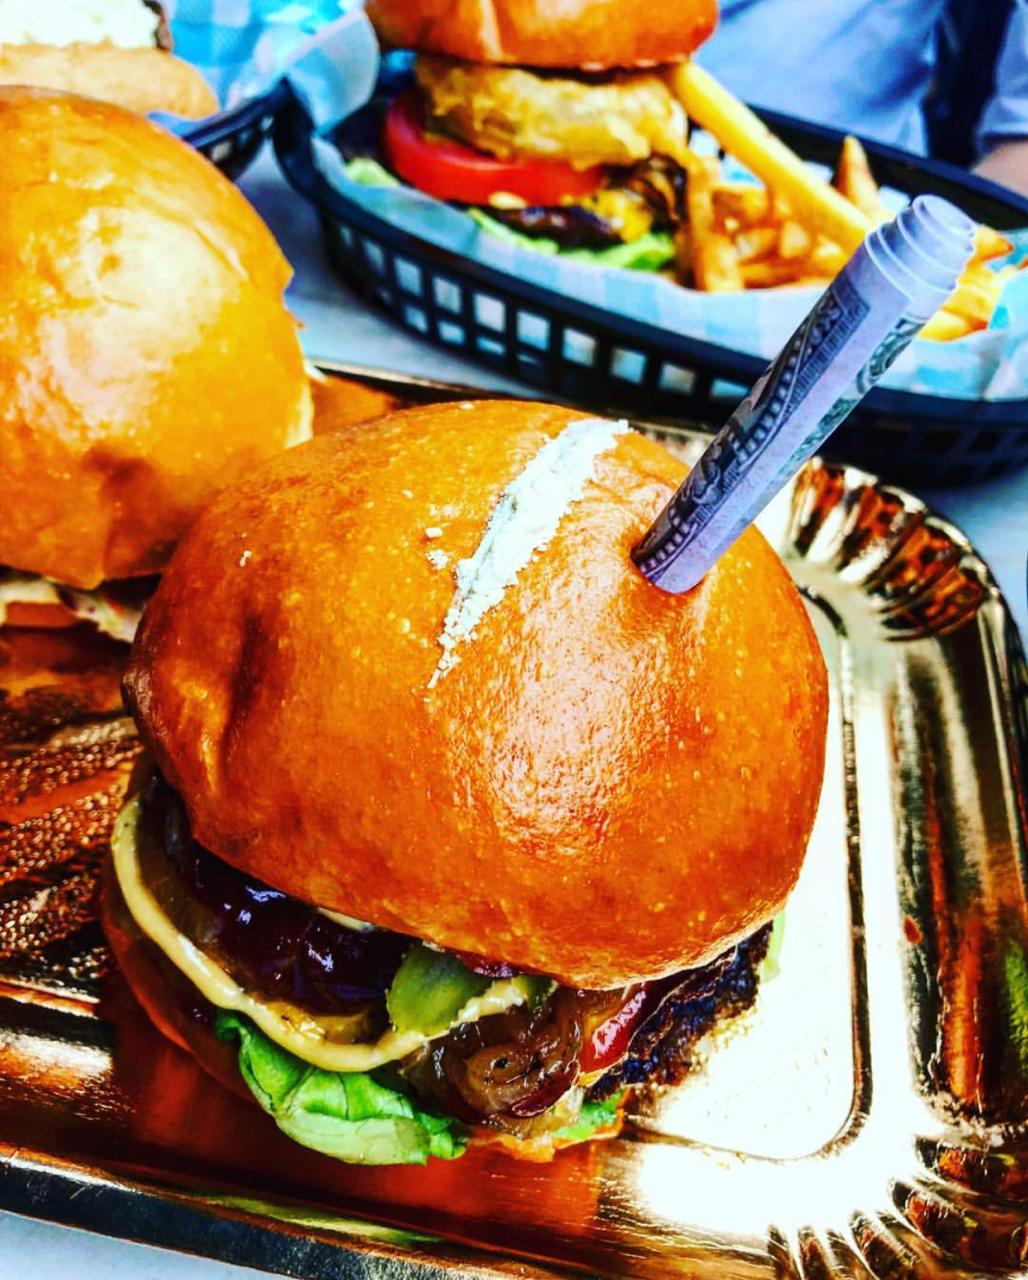 Lanchonete cria burger com cocaína falsa em homenagem a Escobar - Imagem 4